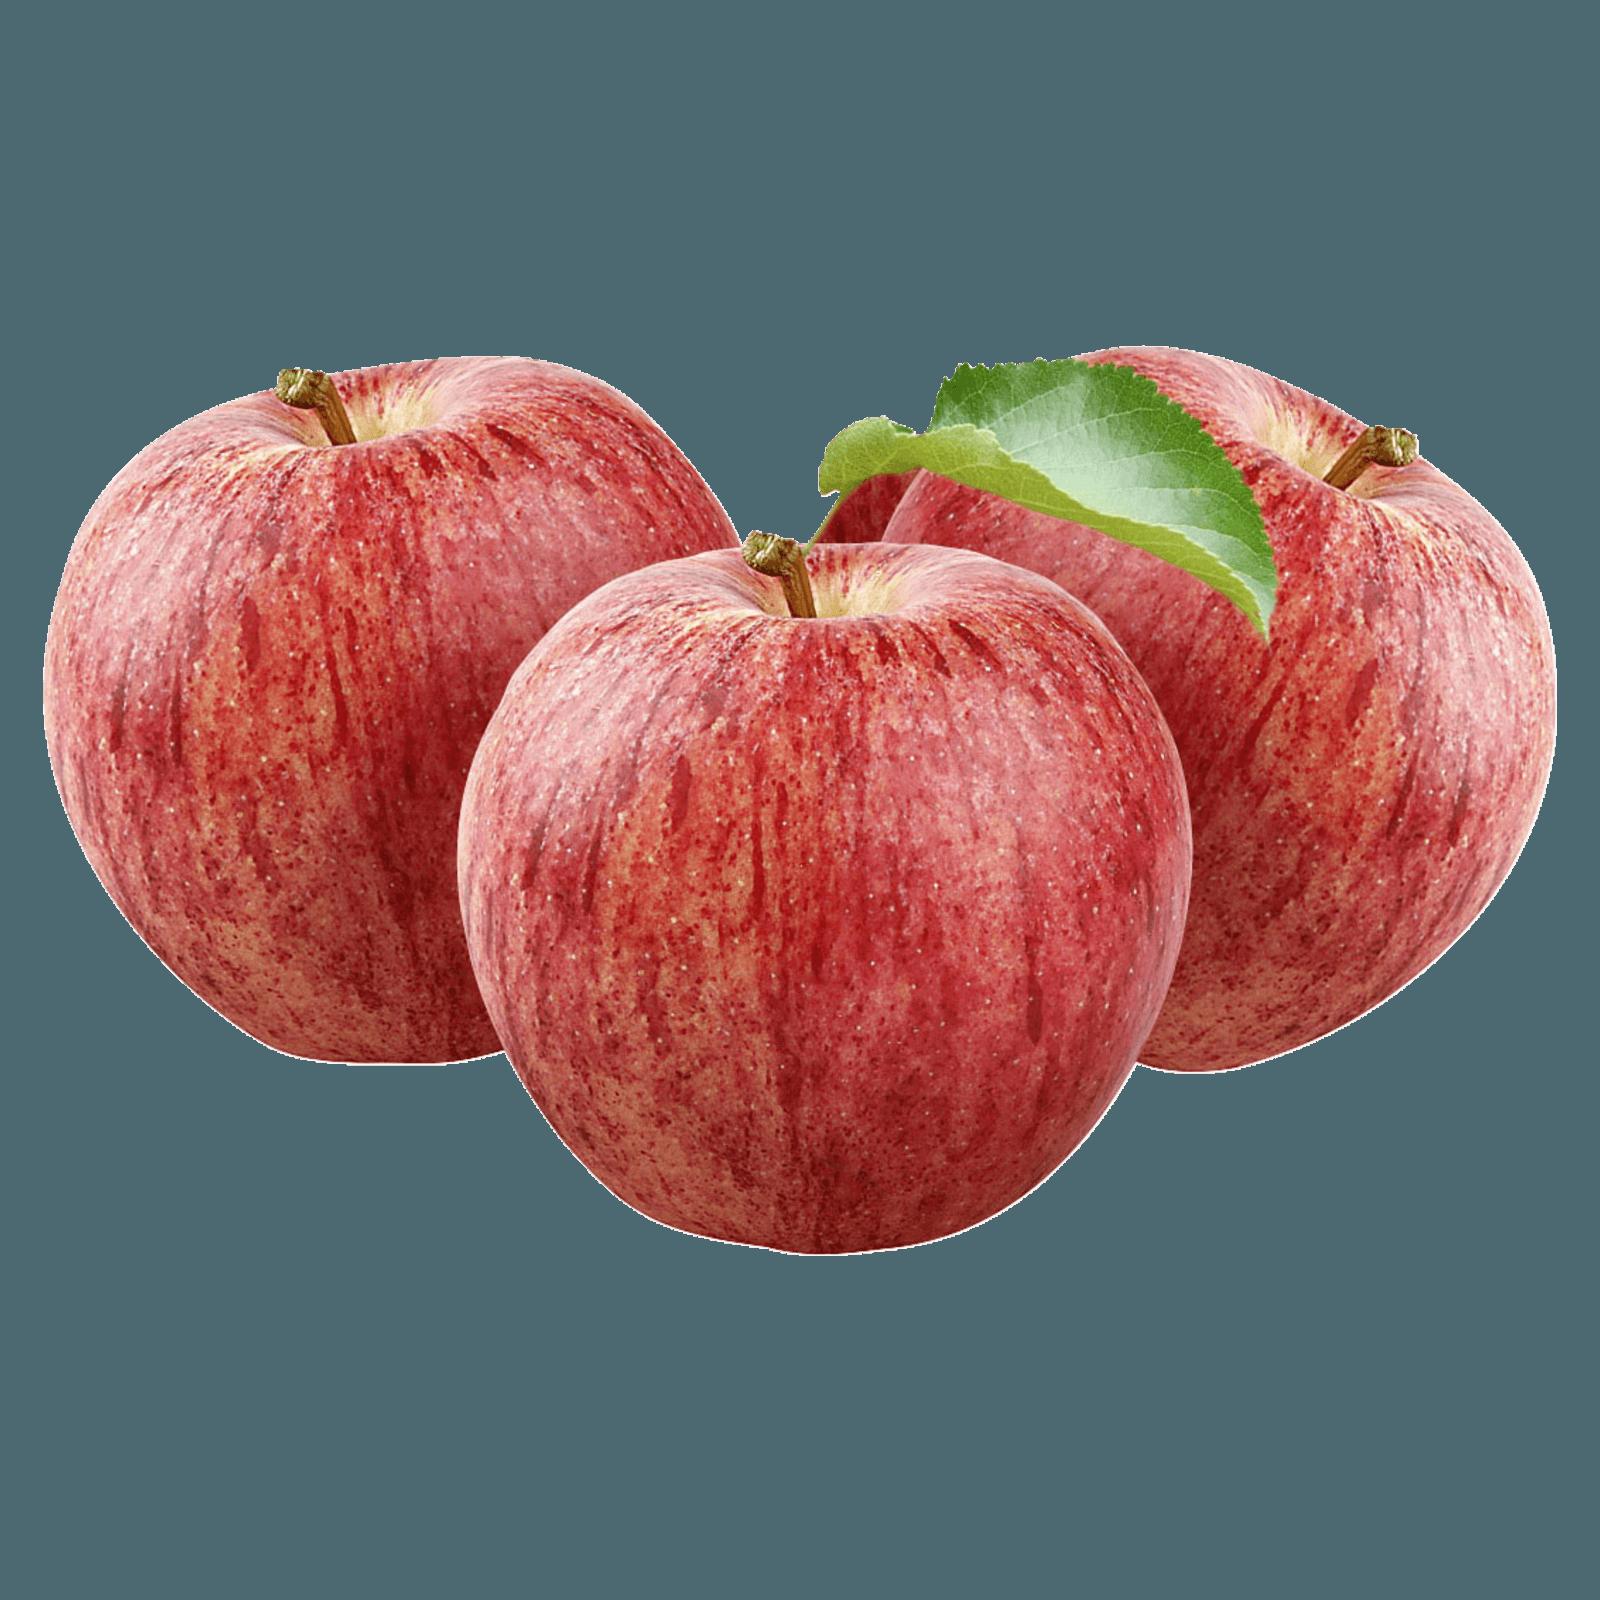 Apfel Snack Gala 980g bei REWE online bestellen!